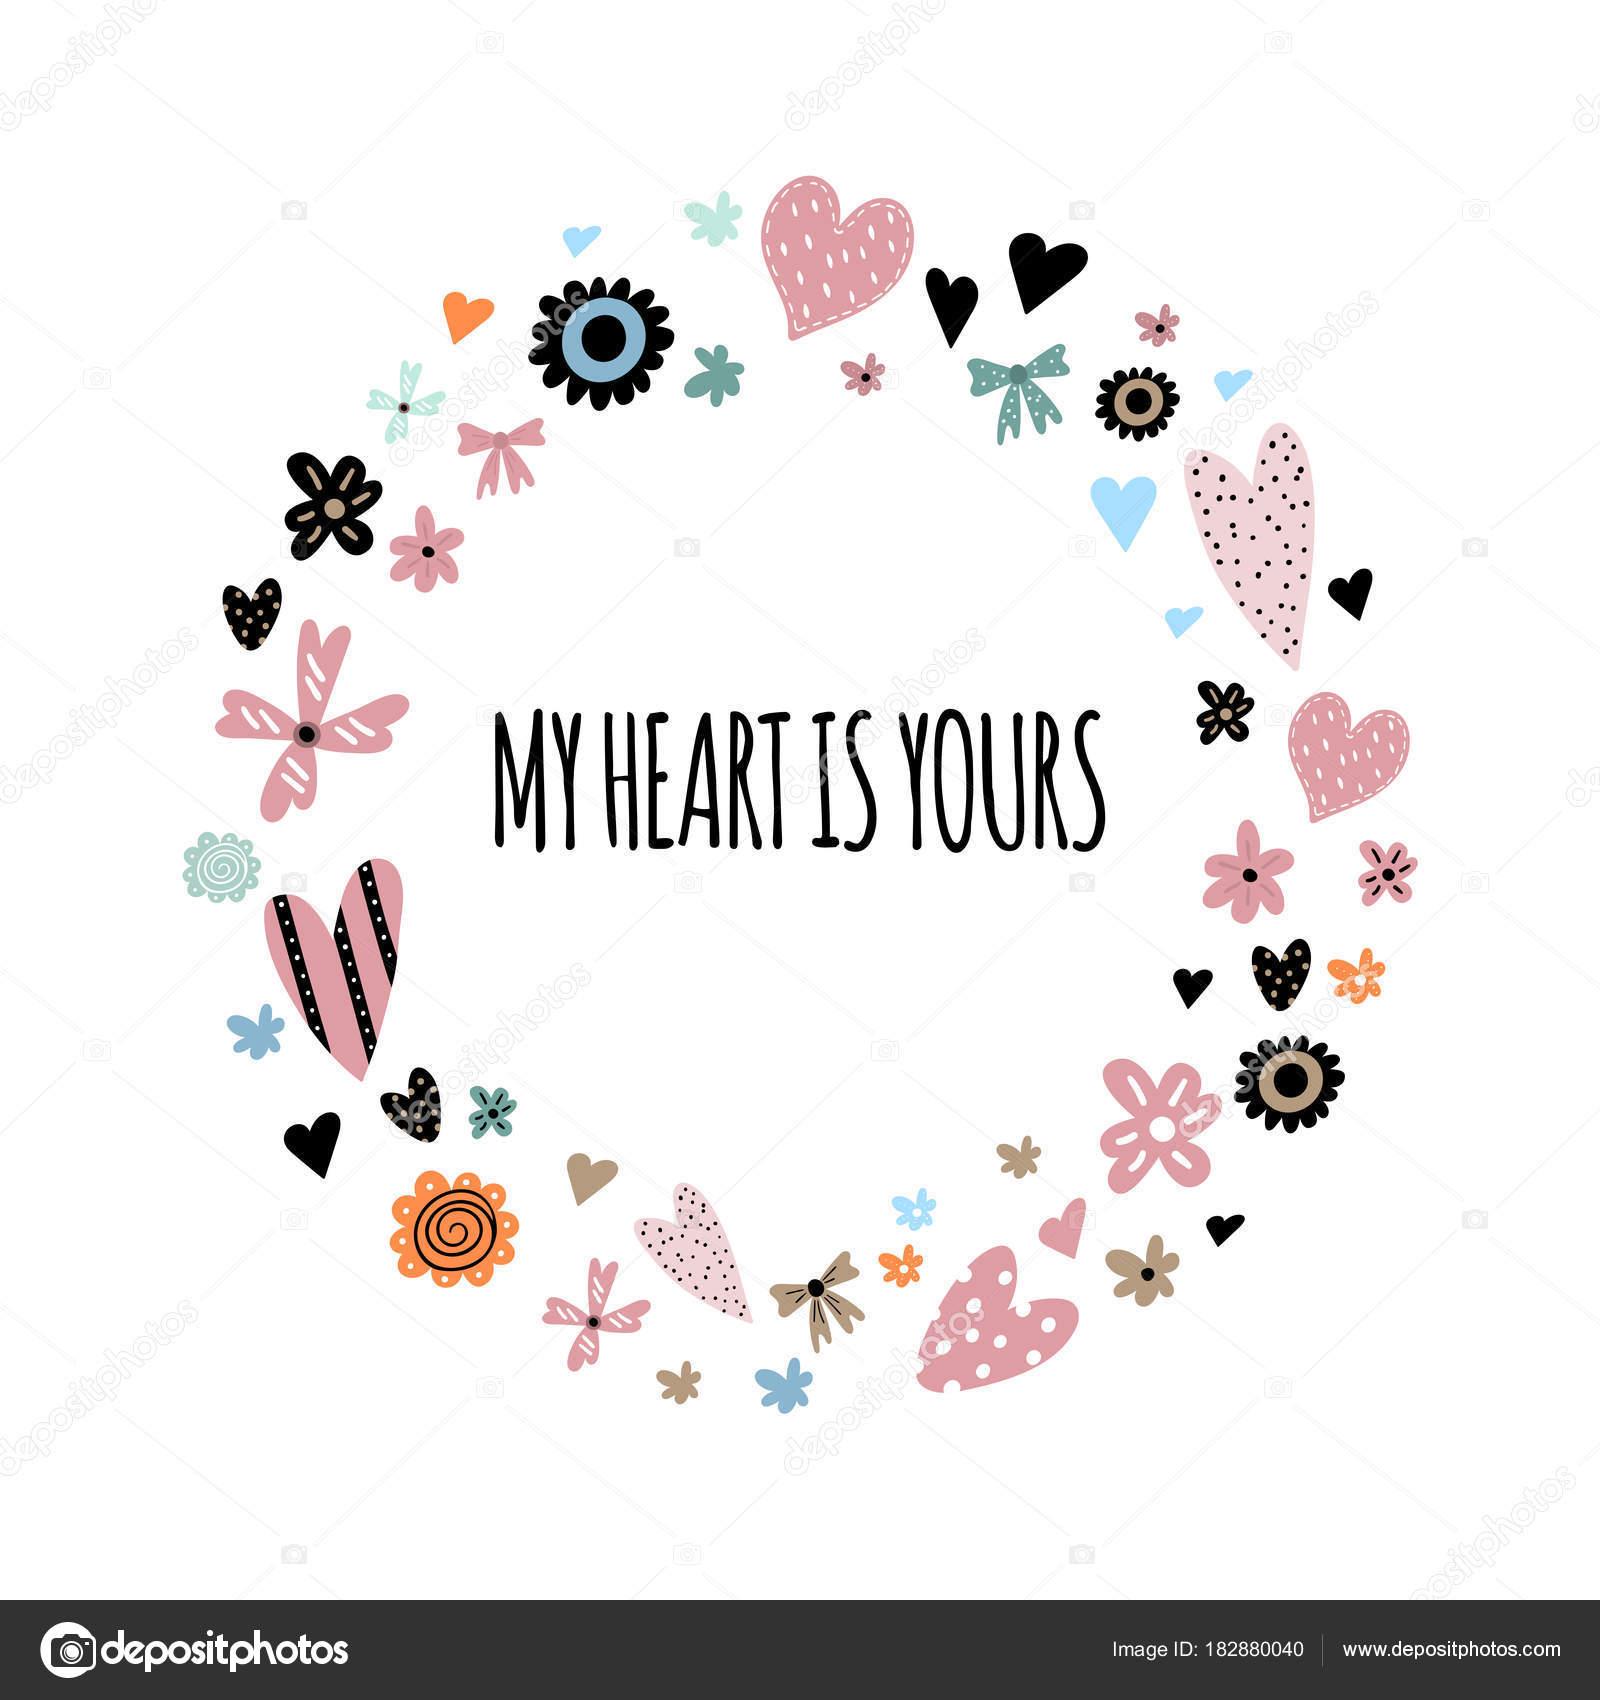 Fotos Frases Con Corazones Y Flores Linda Guirnalda Con